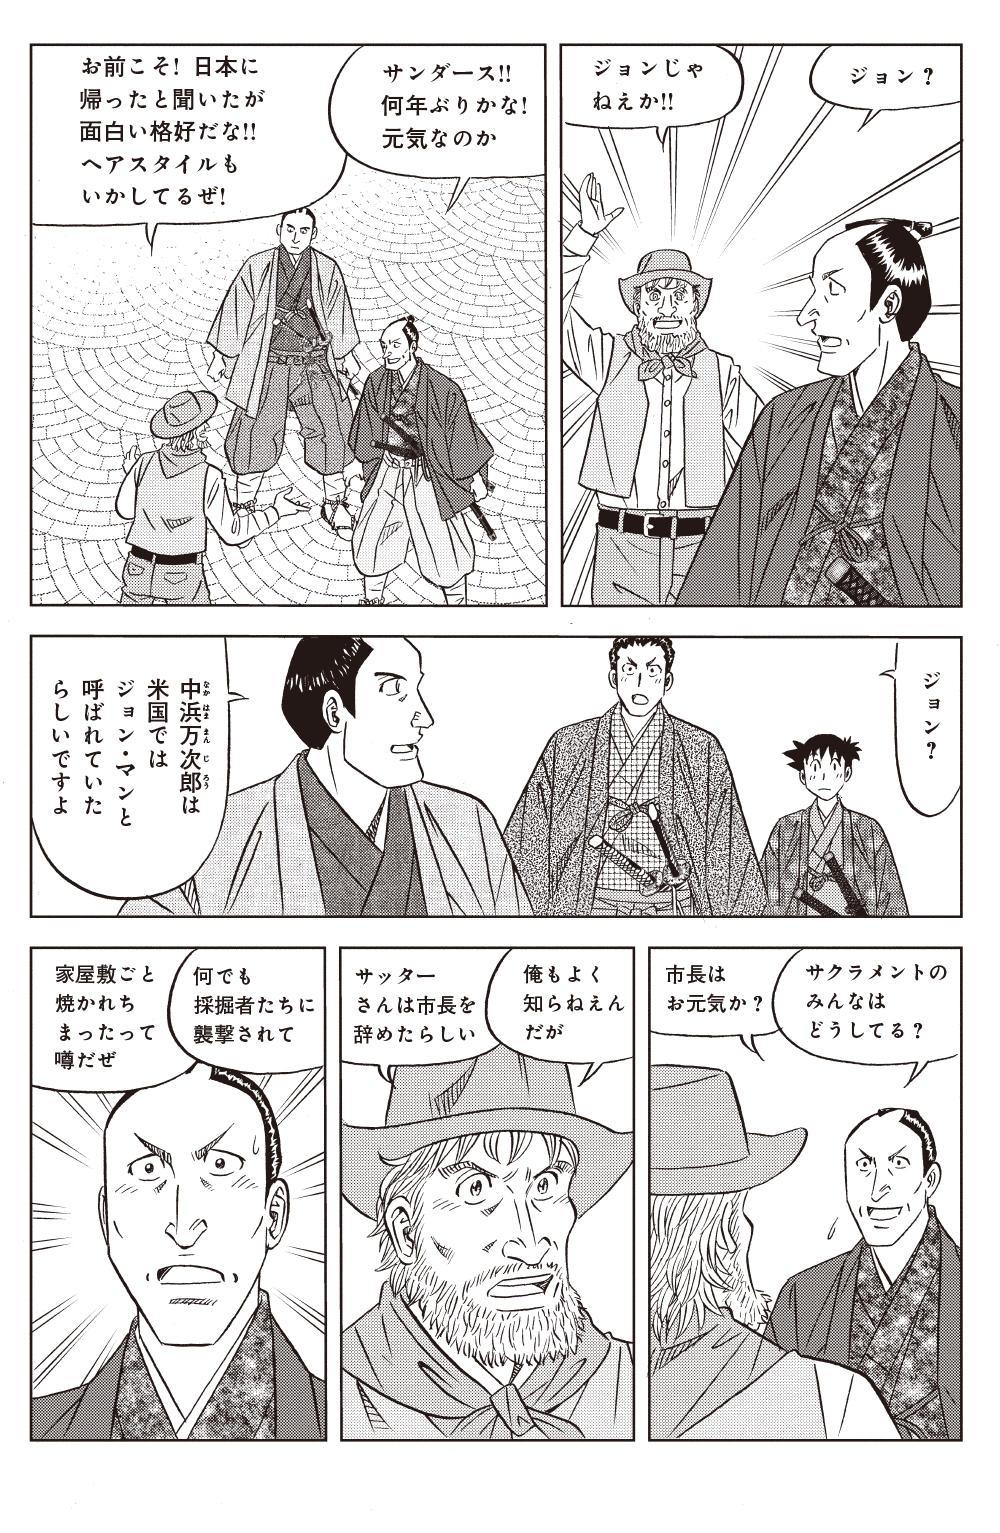 ミスター味っ子 幕末編 第3話「黄金大陸」①ajikko01-85.jpg